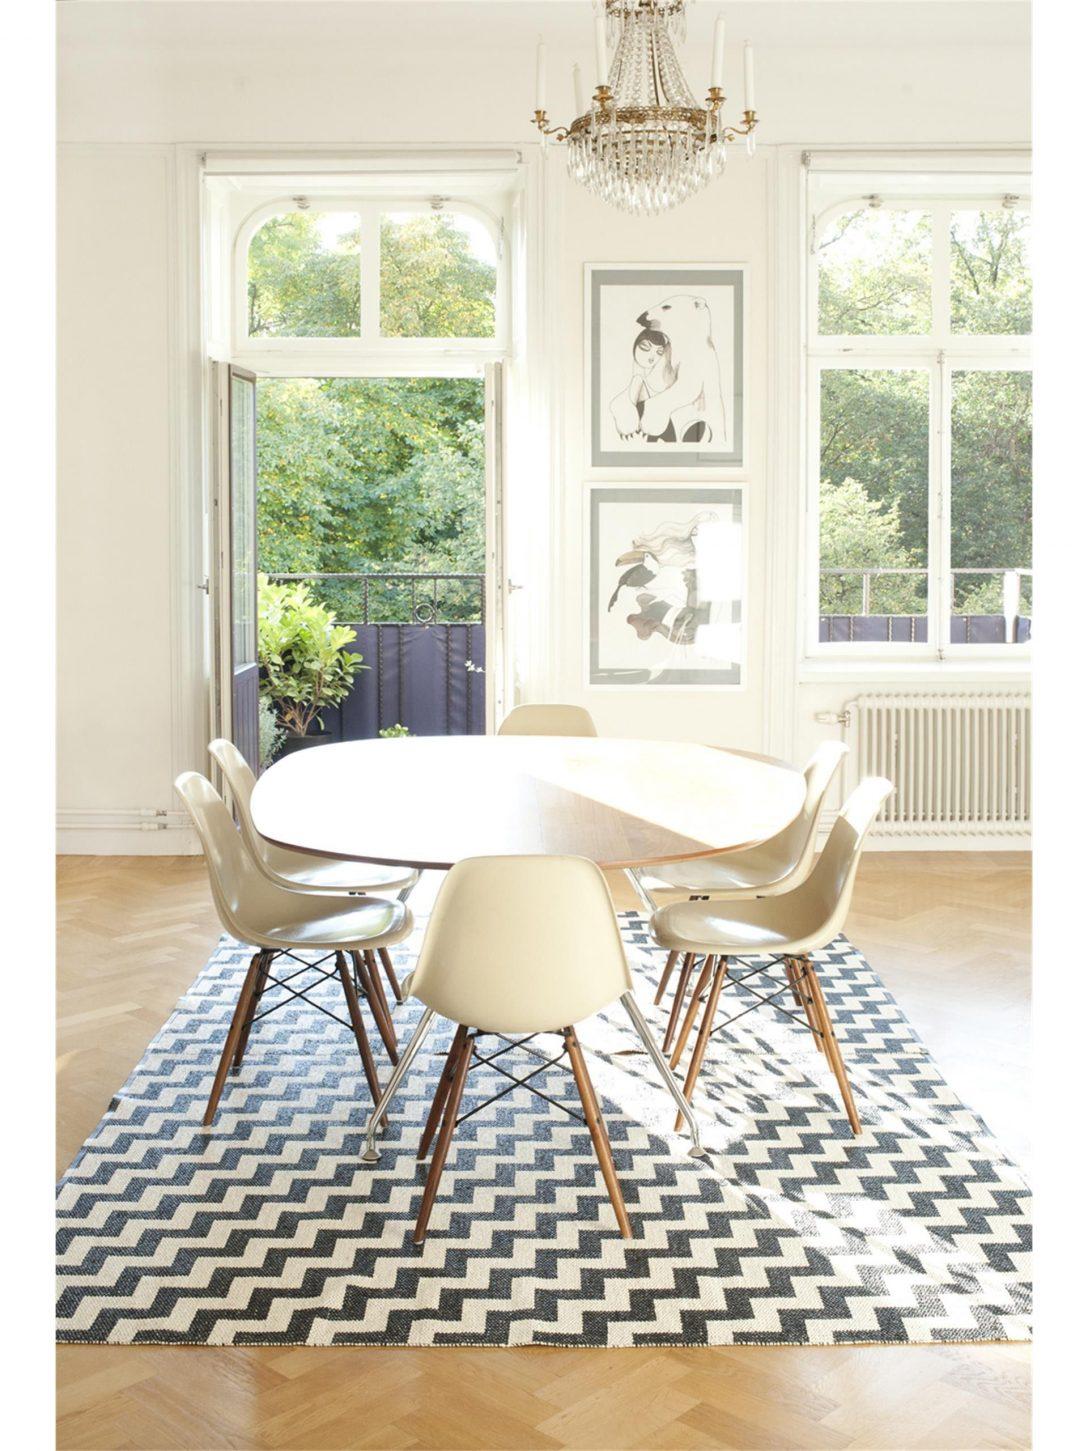 Large Size of Teppich Küche Quadratisch Plastik Teppich Küche Vinyl Teppich Küche Hornbach Teppich Küche Küche Teppich Küche